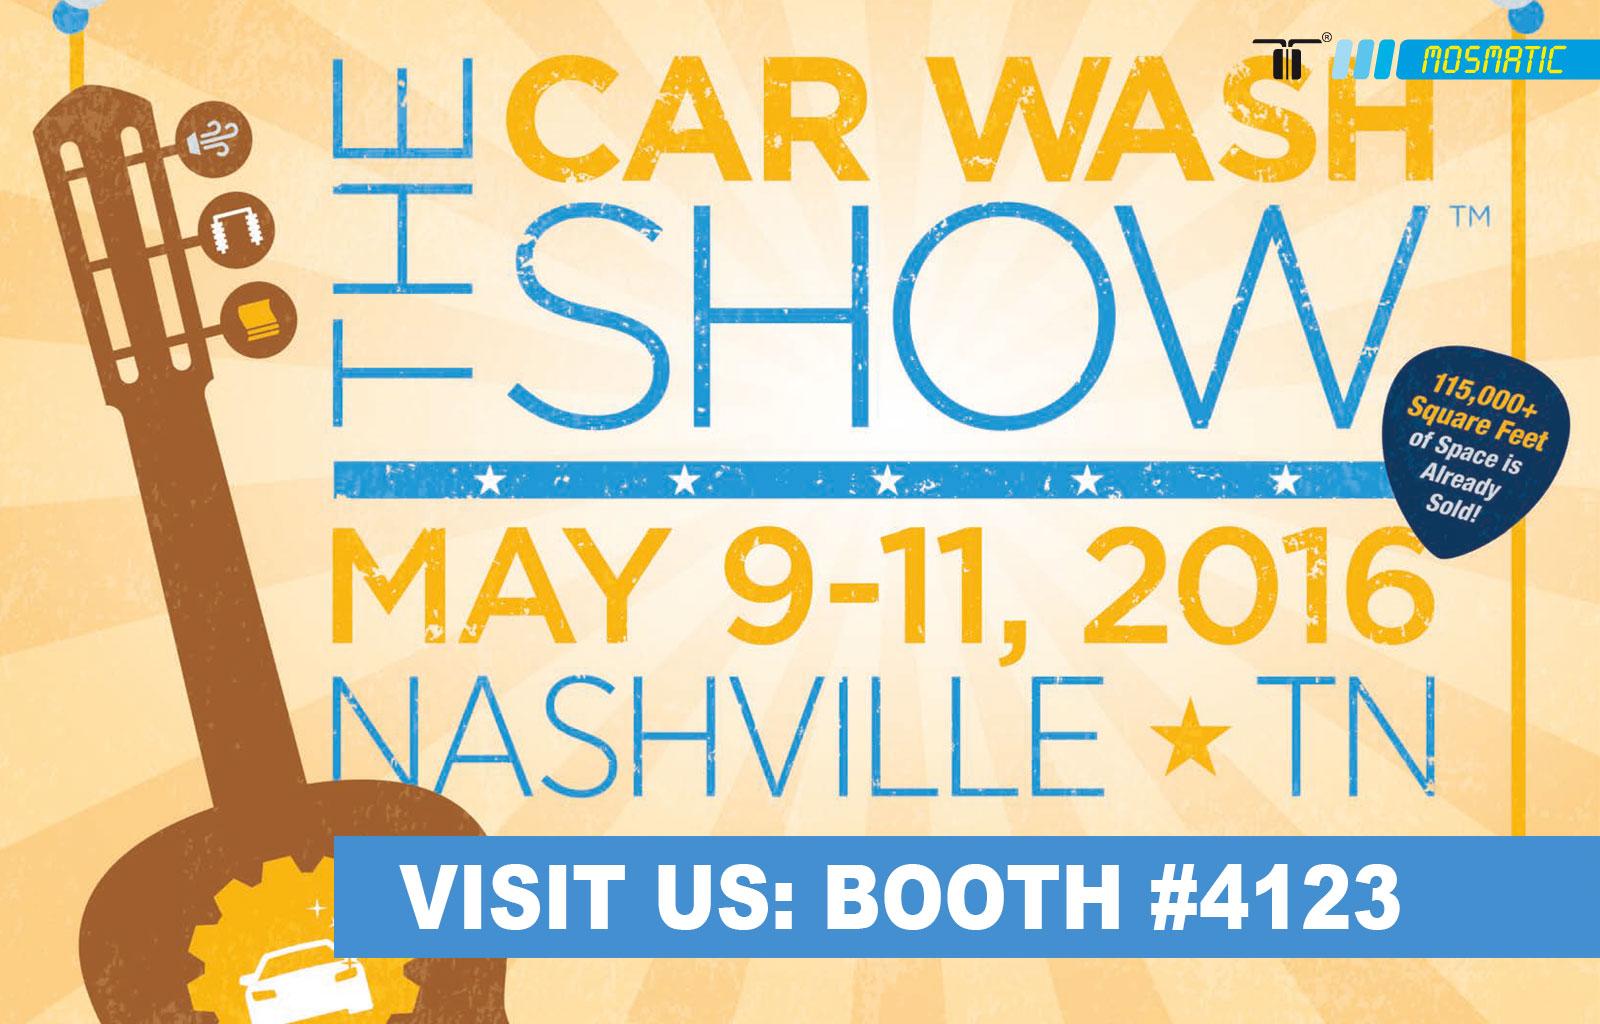 Nashville Car Wash Show